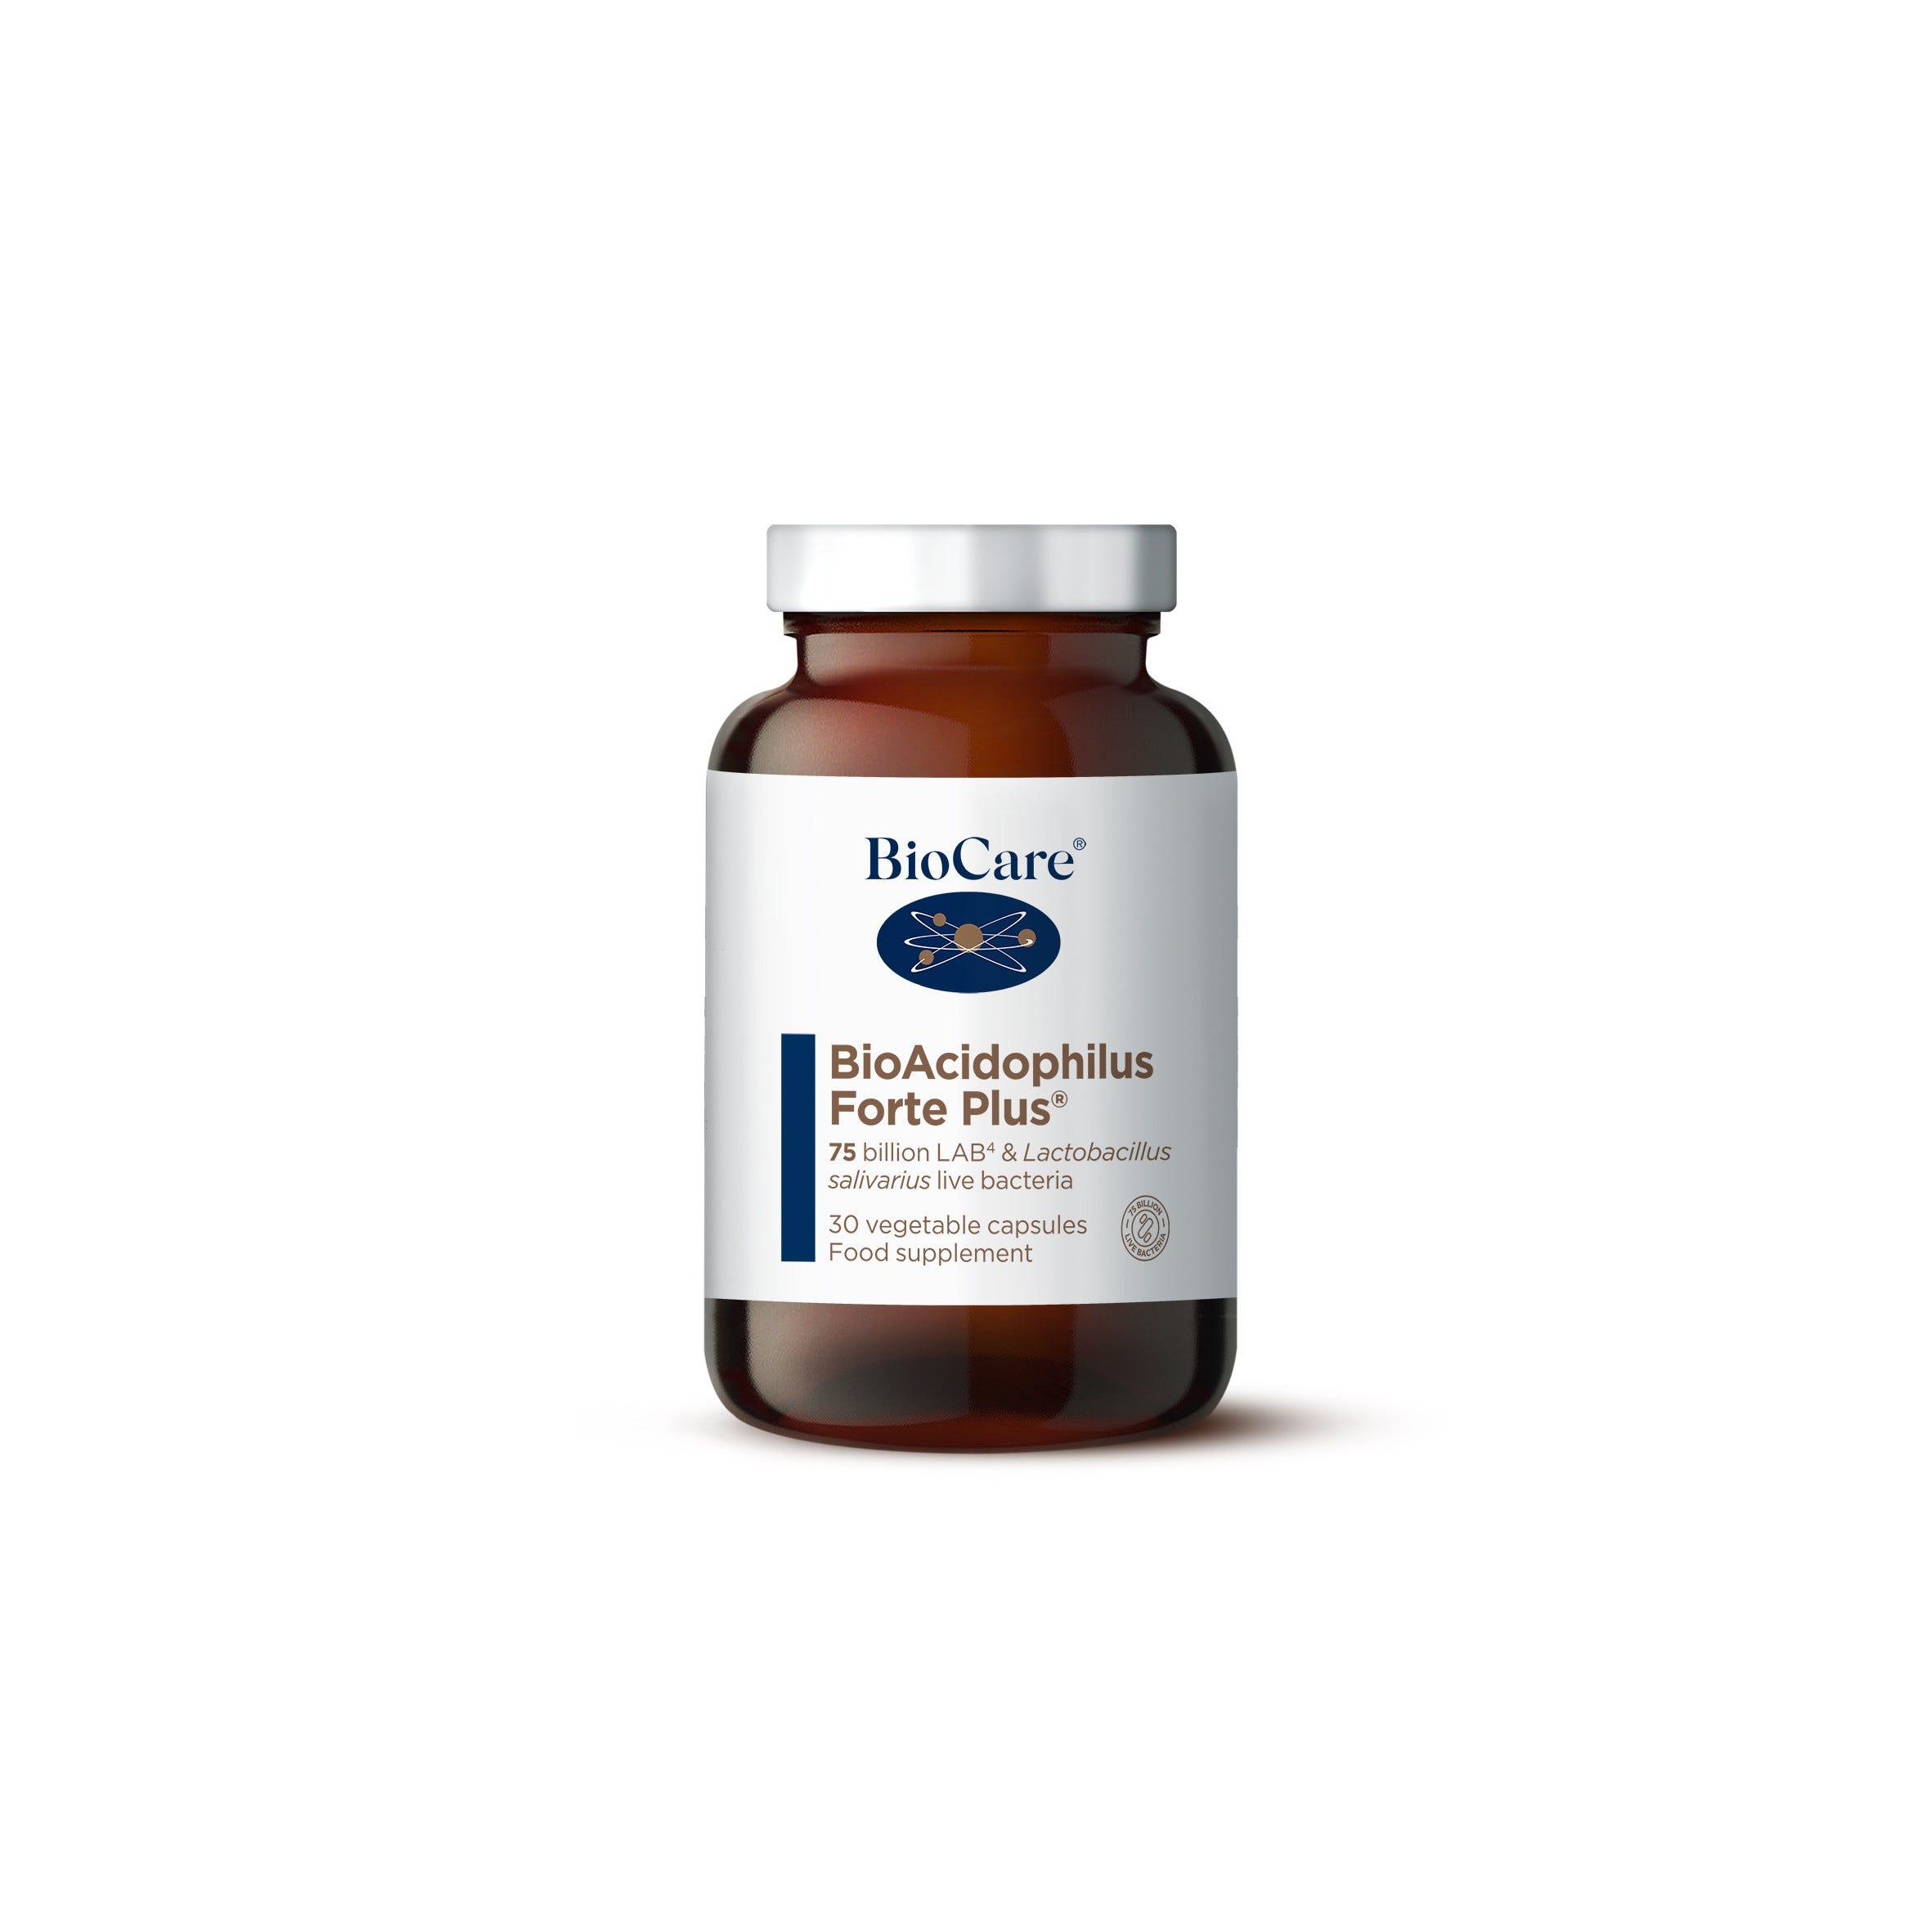 BioAcidophilus Forte Plus 30 Caps